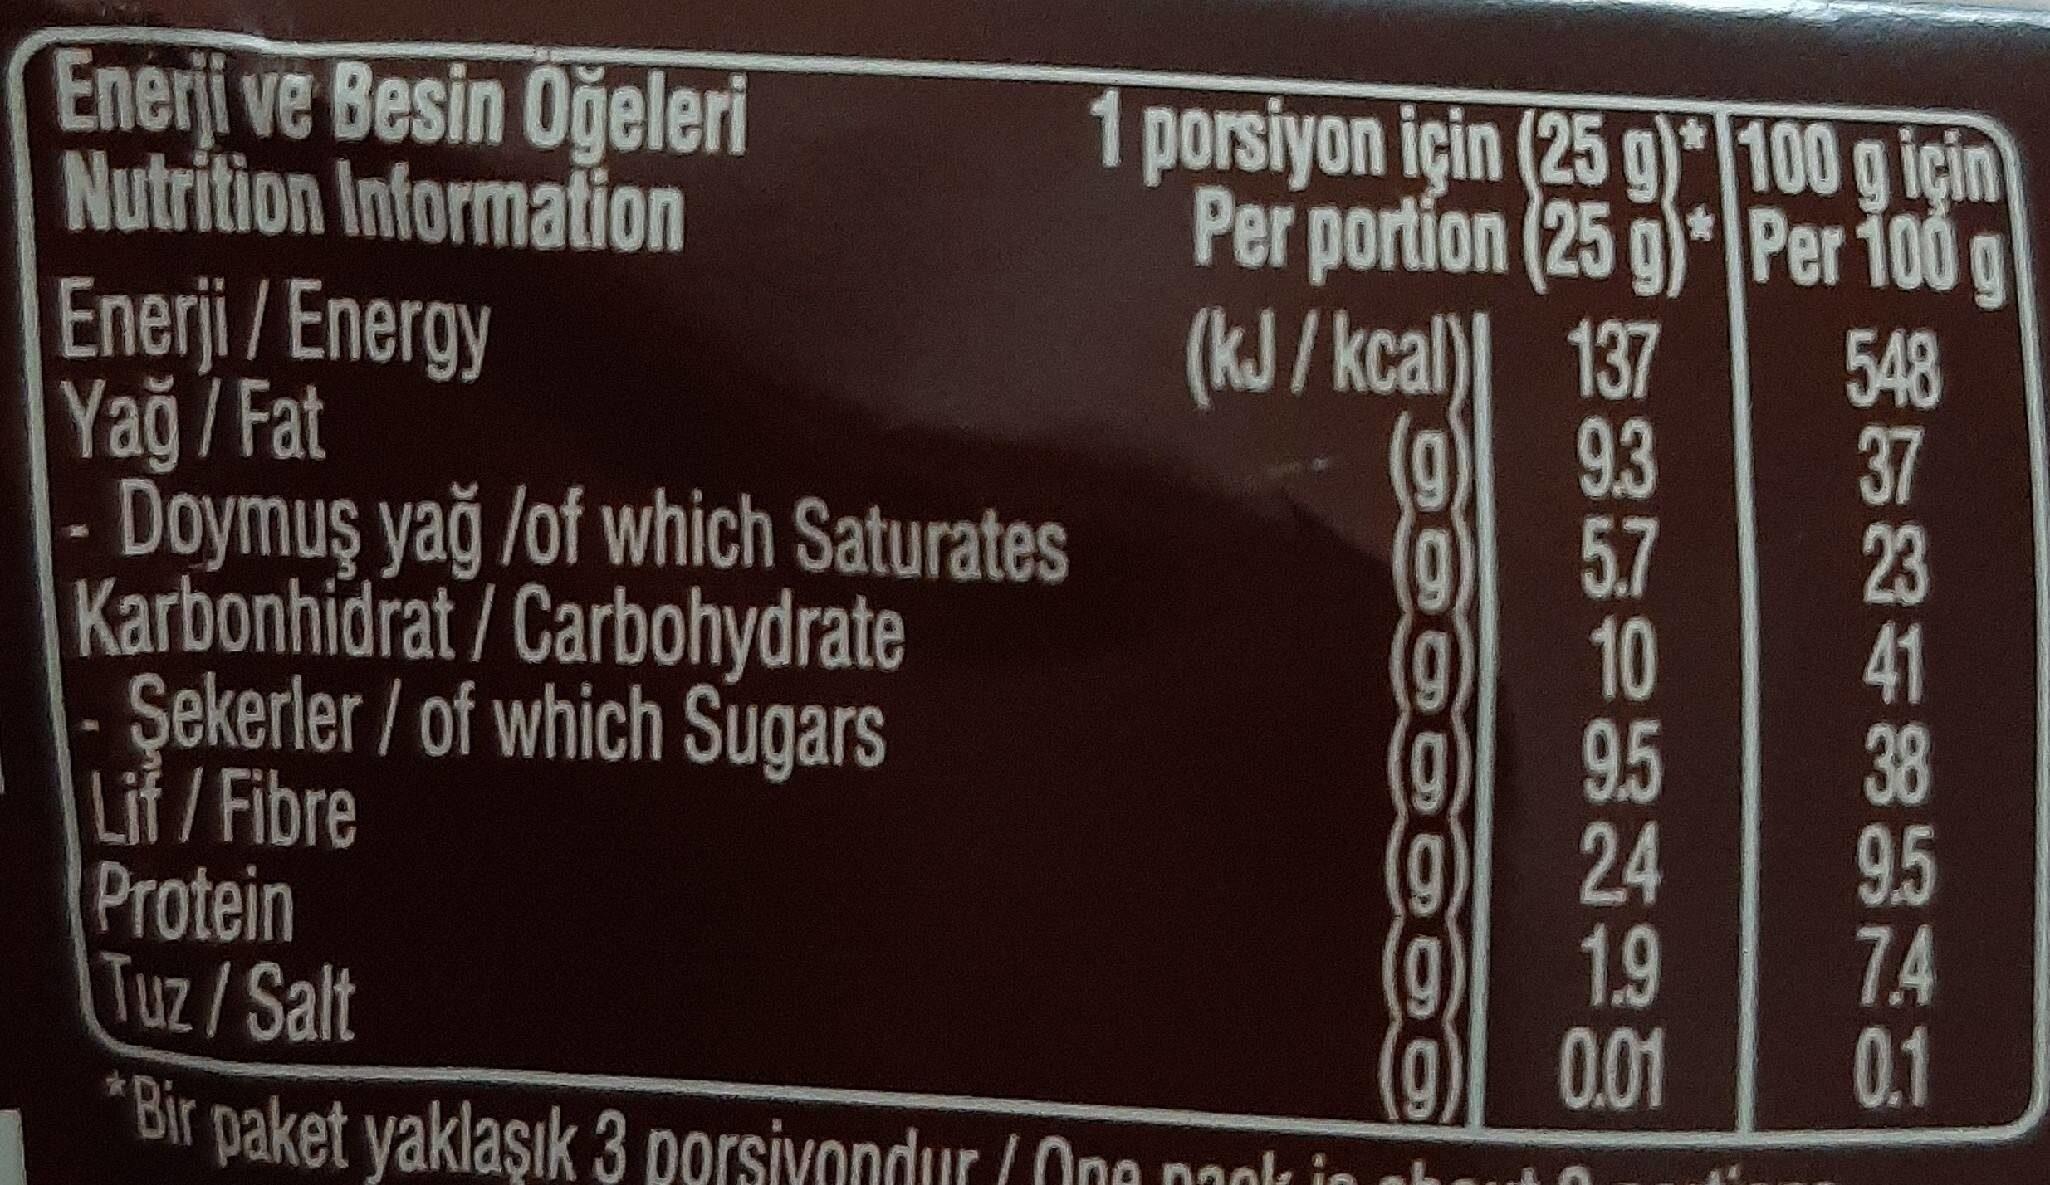 Cikolata - Beslenme gerçekleri - en